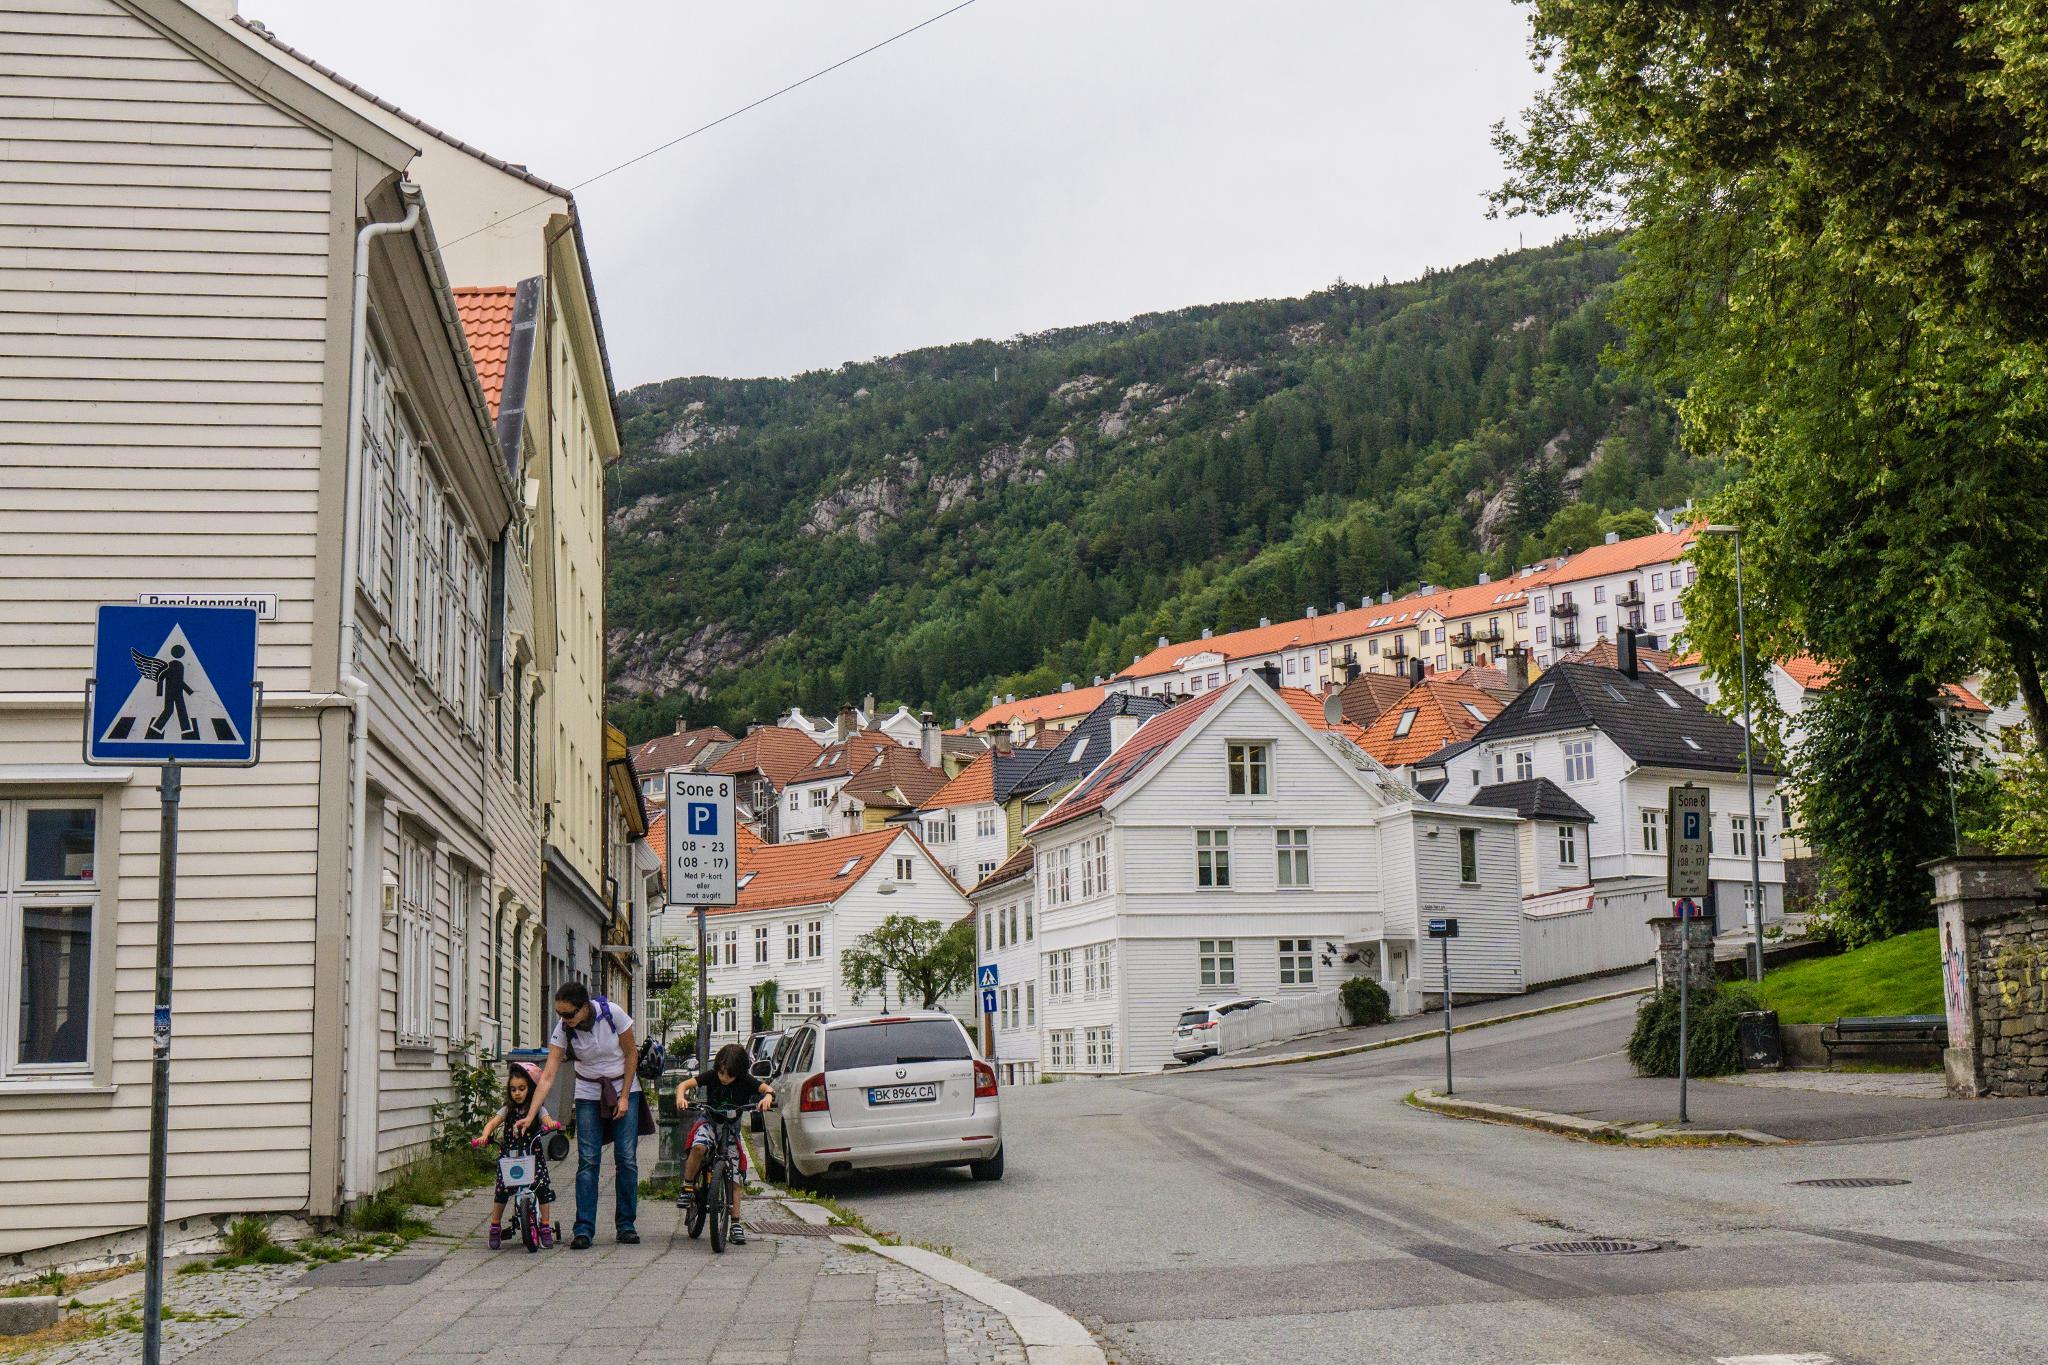 【卑爾根】旅行隨筆:走入卑爾根郊區的尋常百姓家 32